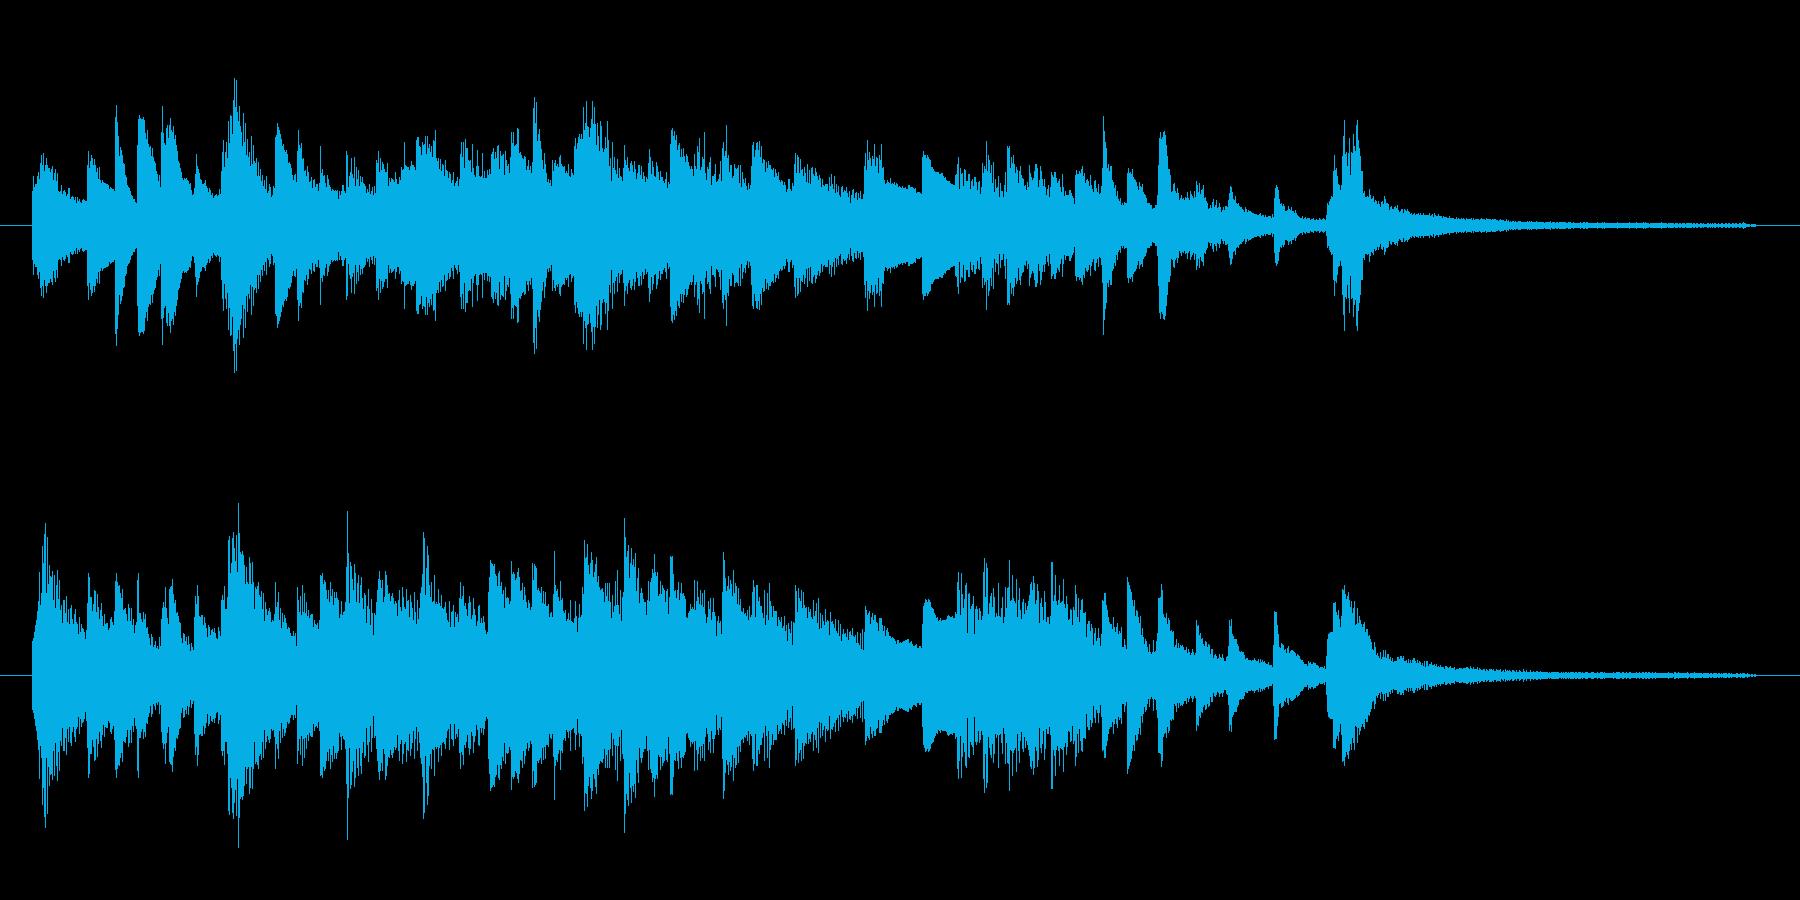 ミステリアスでムーディーな間奏曲 ピアノの再生済みの波形